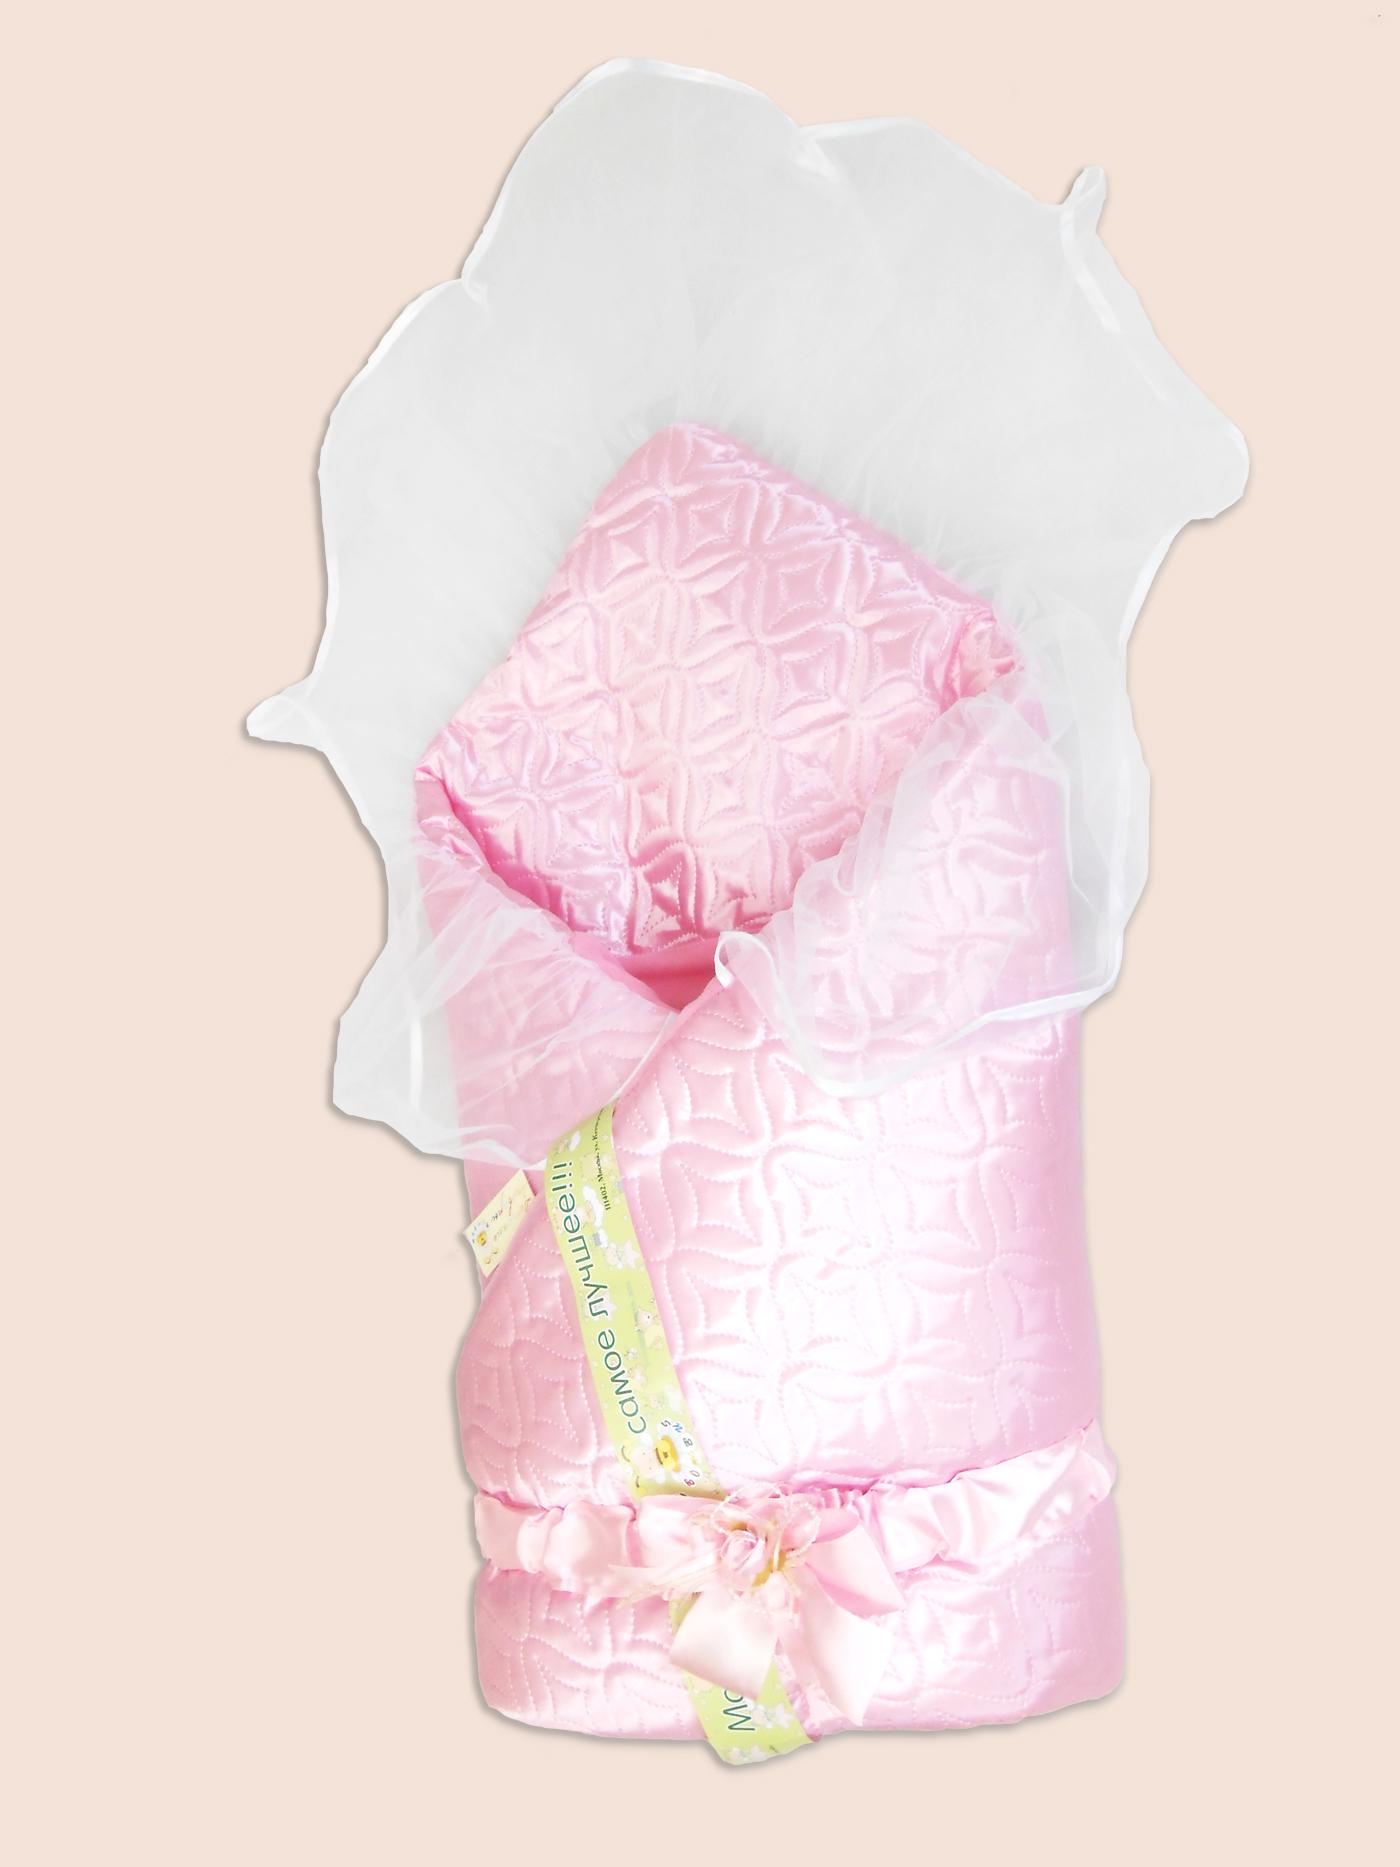 Одеяло на выписку – Мила, розовоеКомплекты на выписку<br>Одеяло на выписку – Мила, розовое<br>